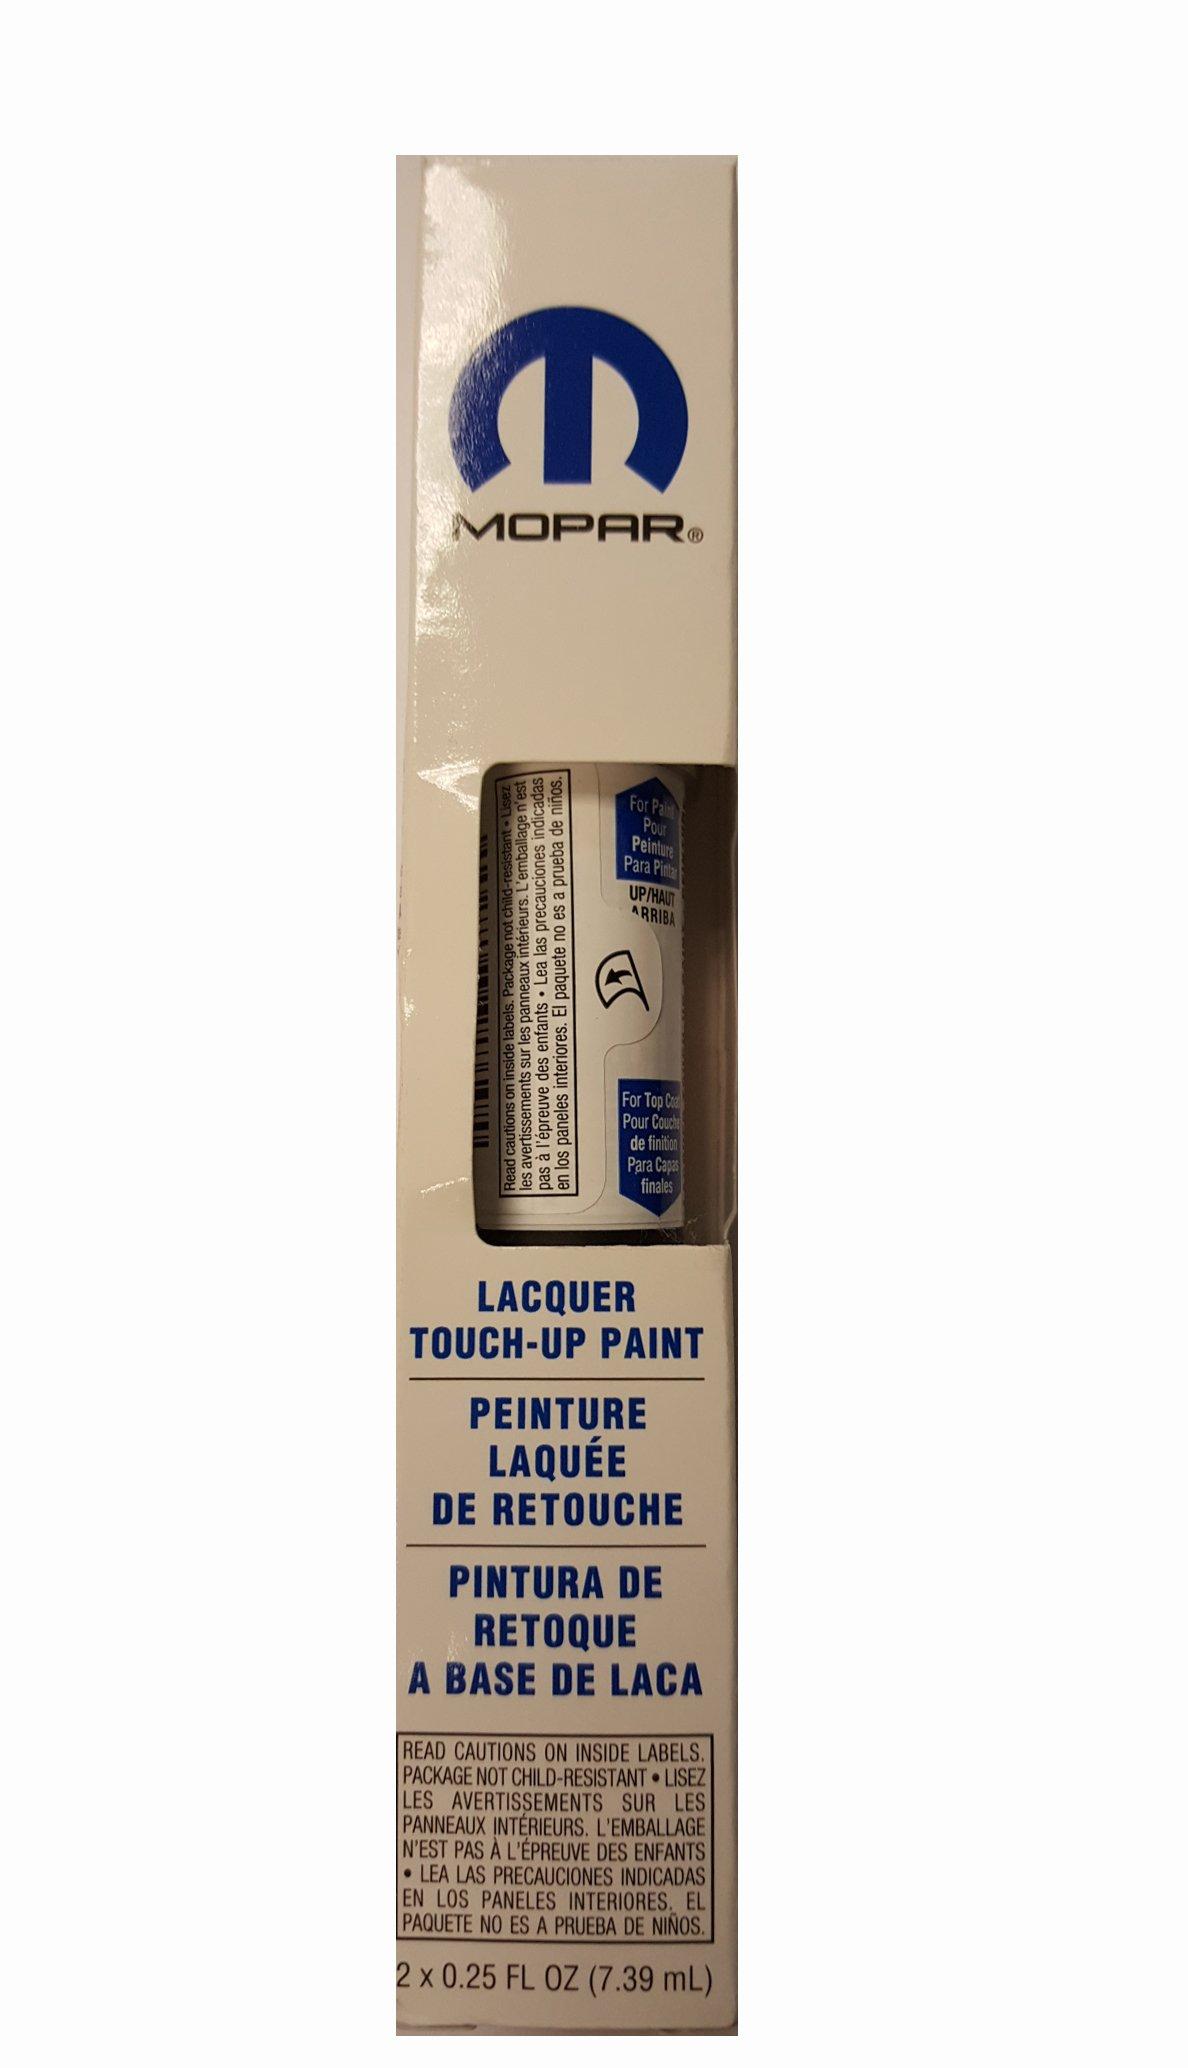 Mopar Touch-Up Paint PBU 5163947AB